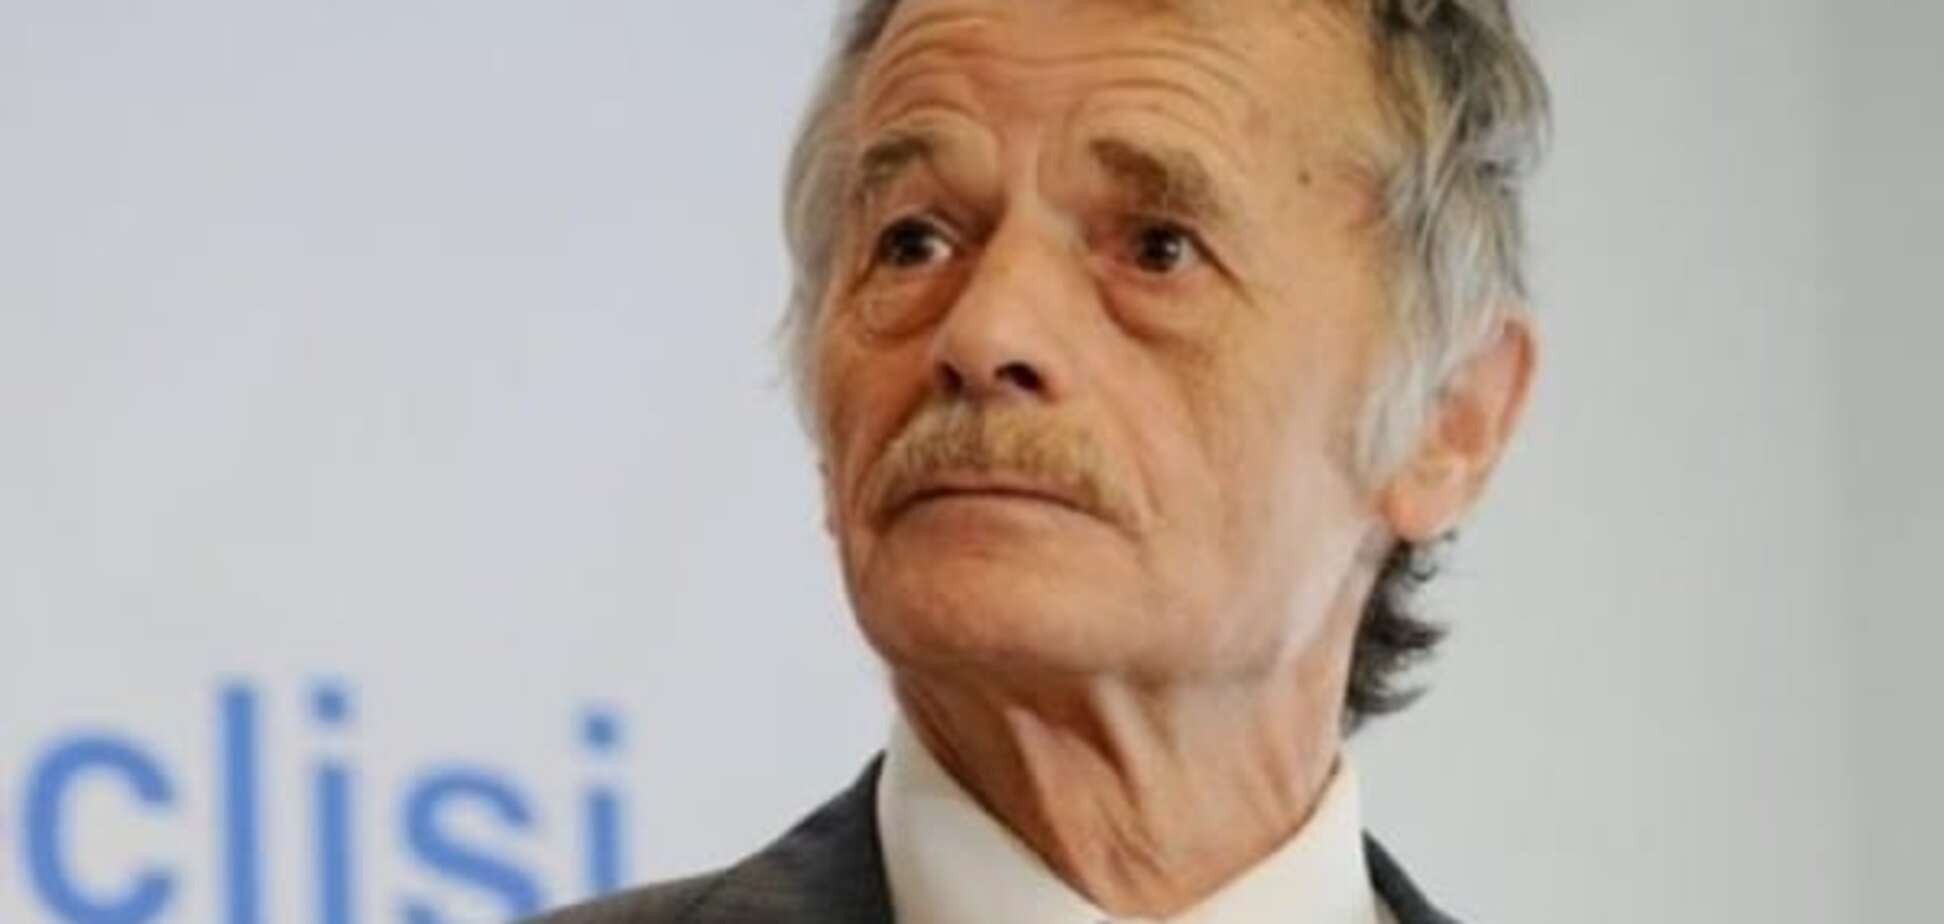 Держтаємниця: справу Джемілєва проти ФСБ засекретили - Фейгін